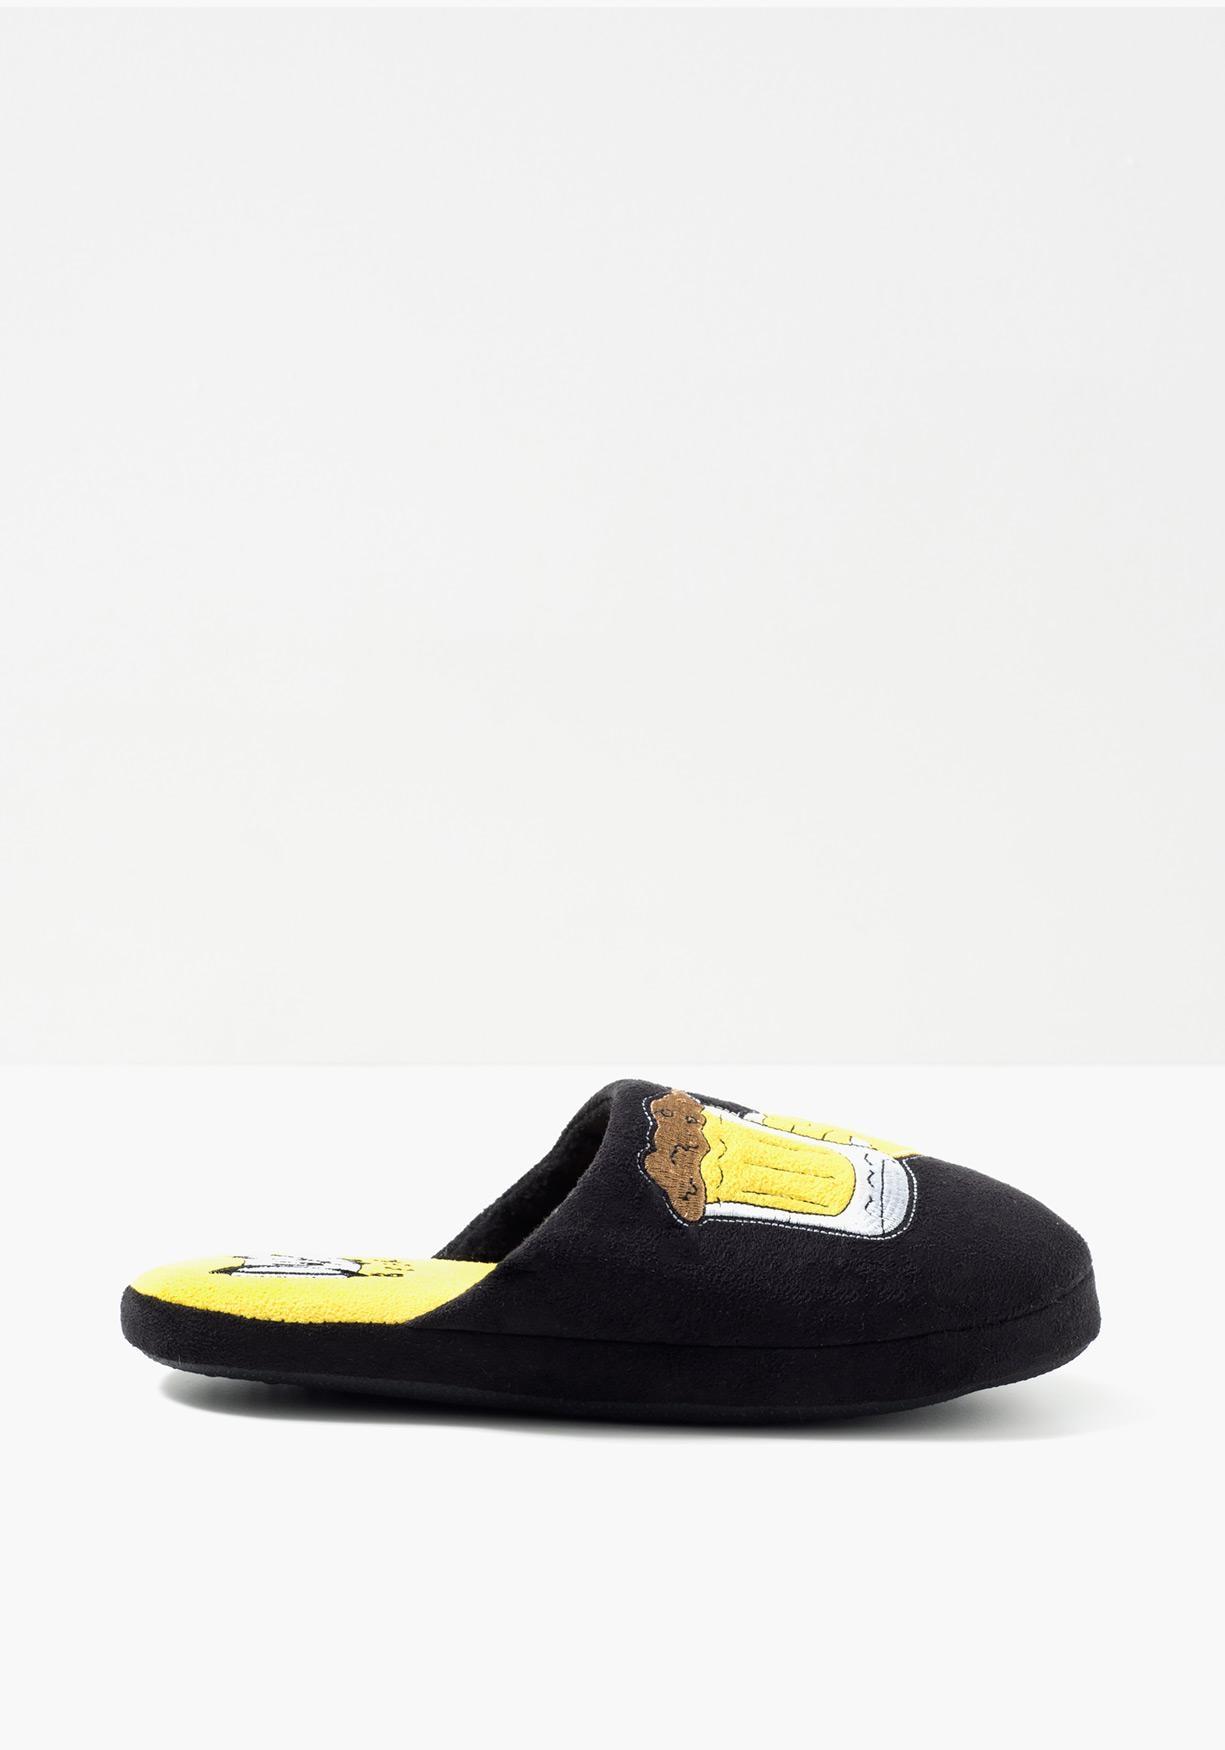 Estar Por Comprar De Casa Simpson¡aprovéchate Zapatillas nwk0P8O